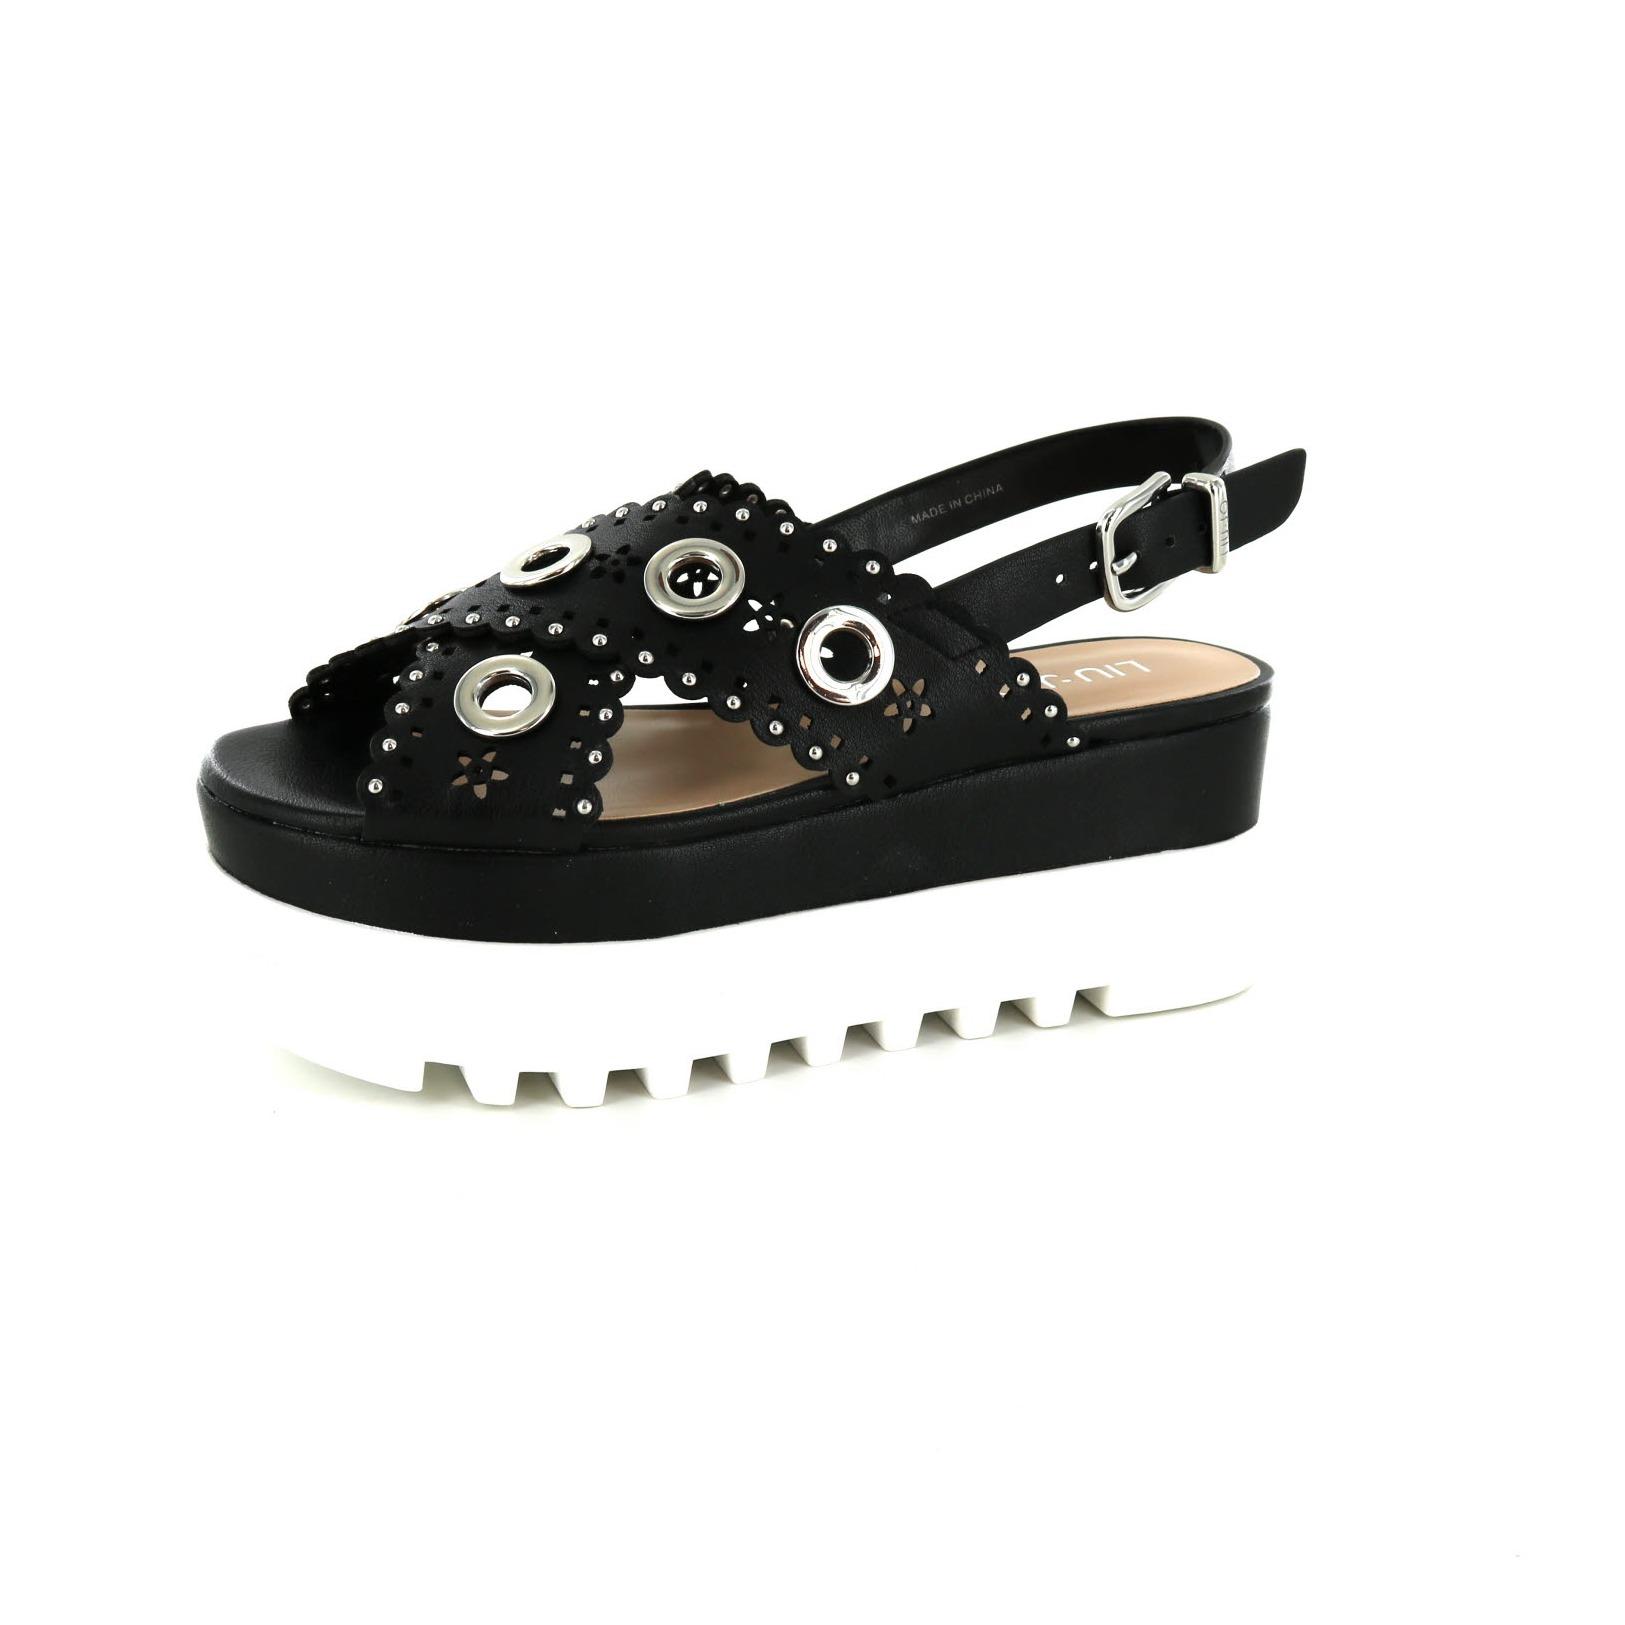 LIU JO / Sandalen, zwart